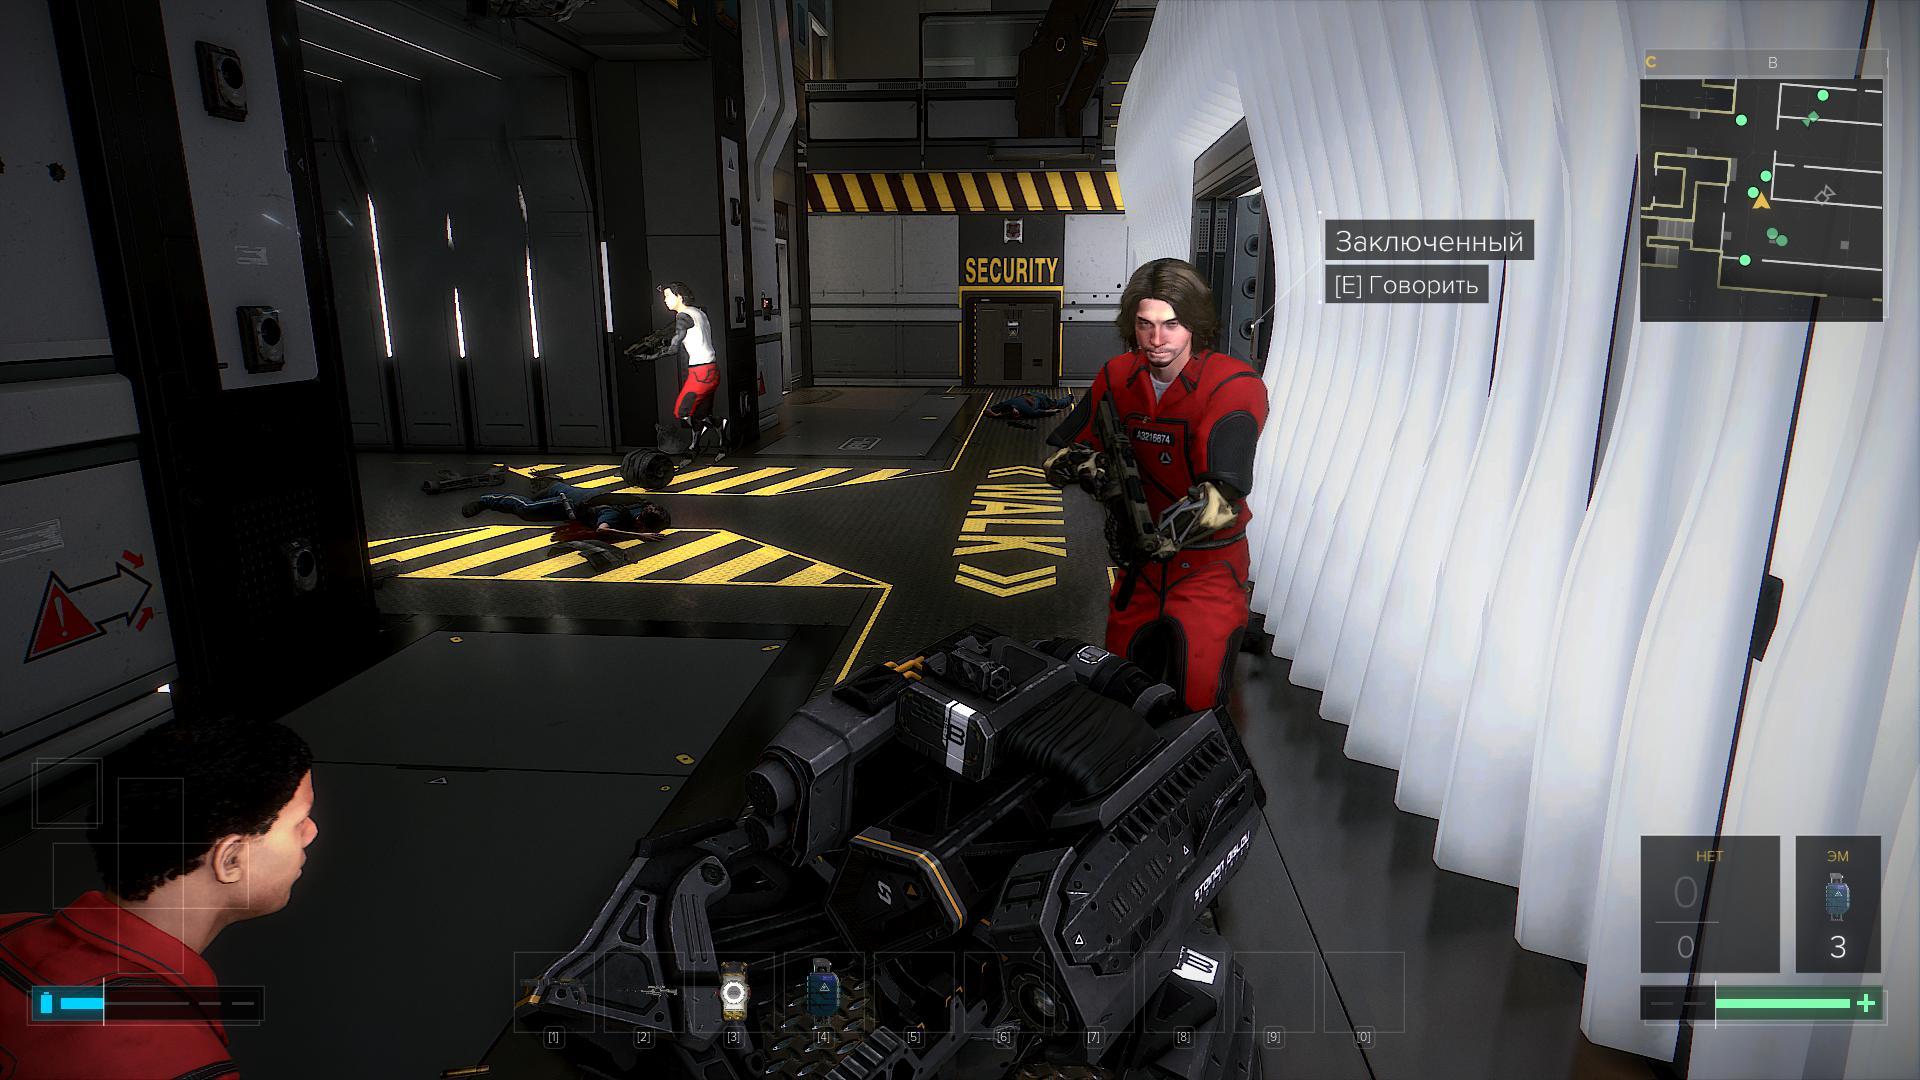 000389.Jpg - Deus Ex: Mankind Divided